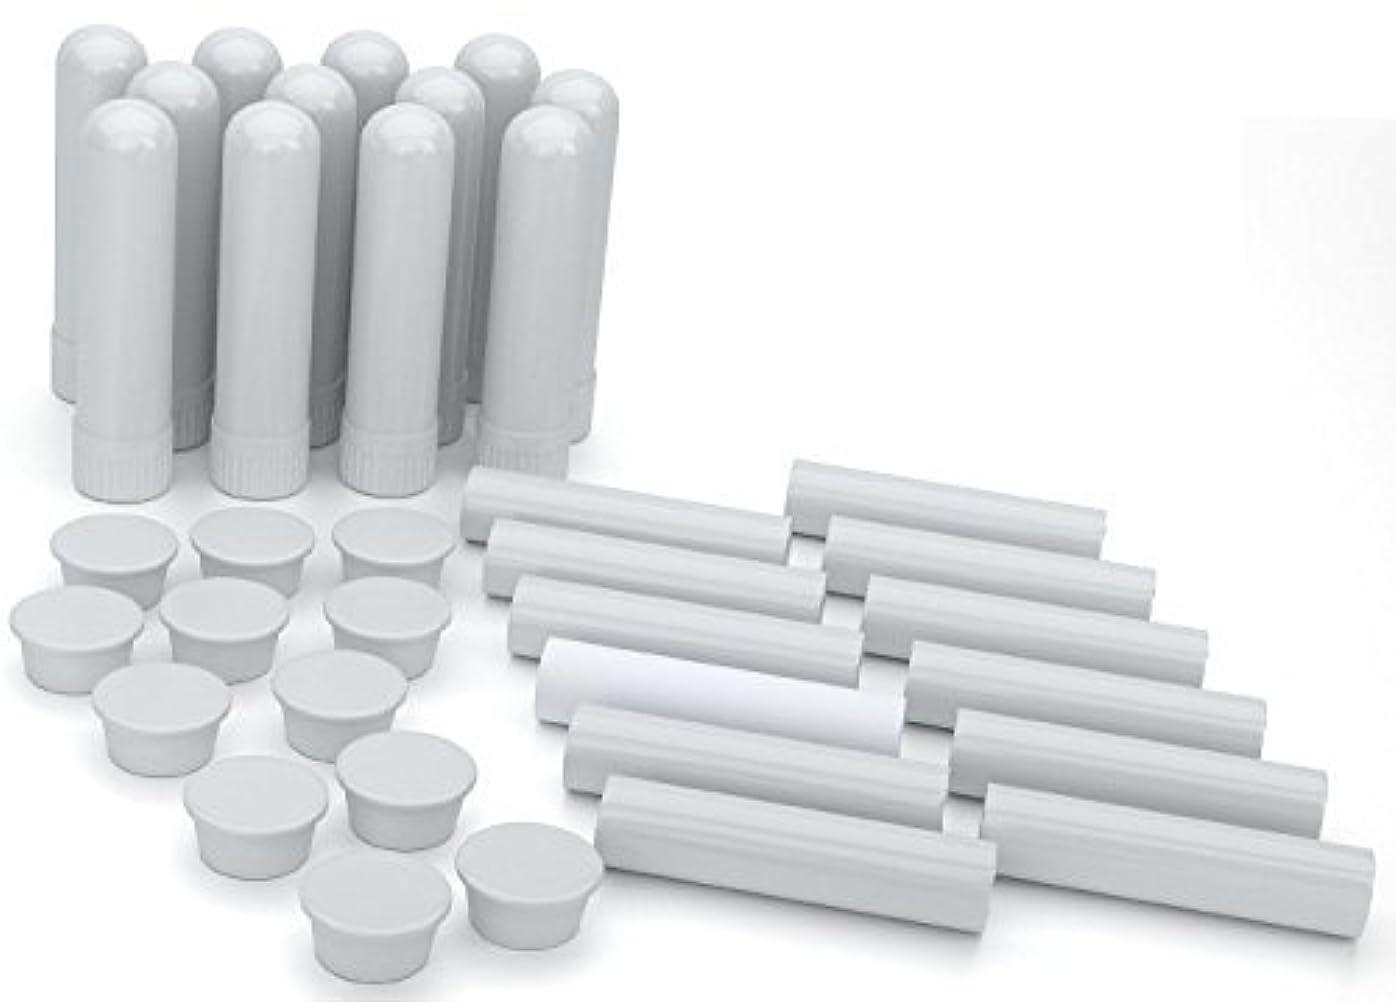 エゴイズム市長作動するEssential Oil Aromatherapy Blank Nasal Inhaler Tubes (12 Complete Sticks), Empty White Vapor Inhalers w/Wicks for Essential Oil, Refillable [並行輸入品]